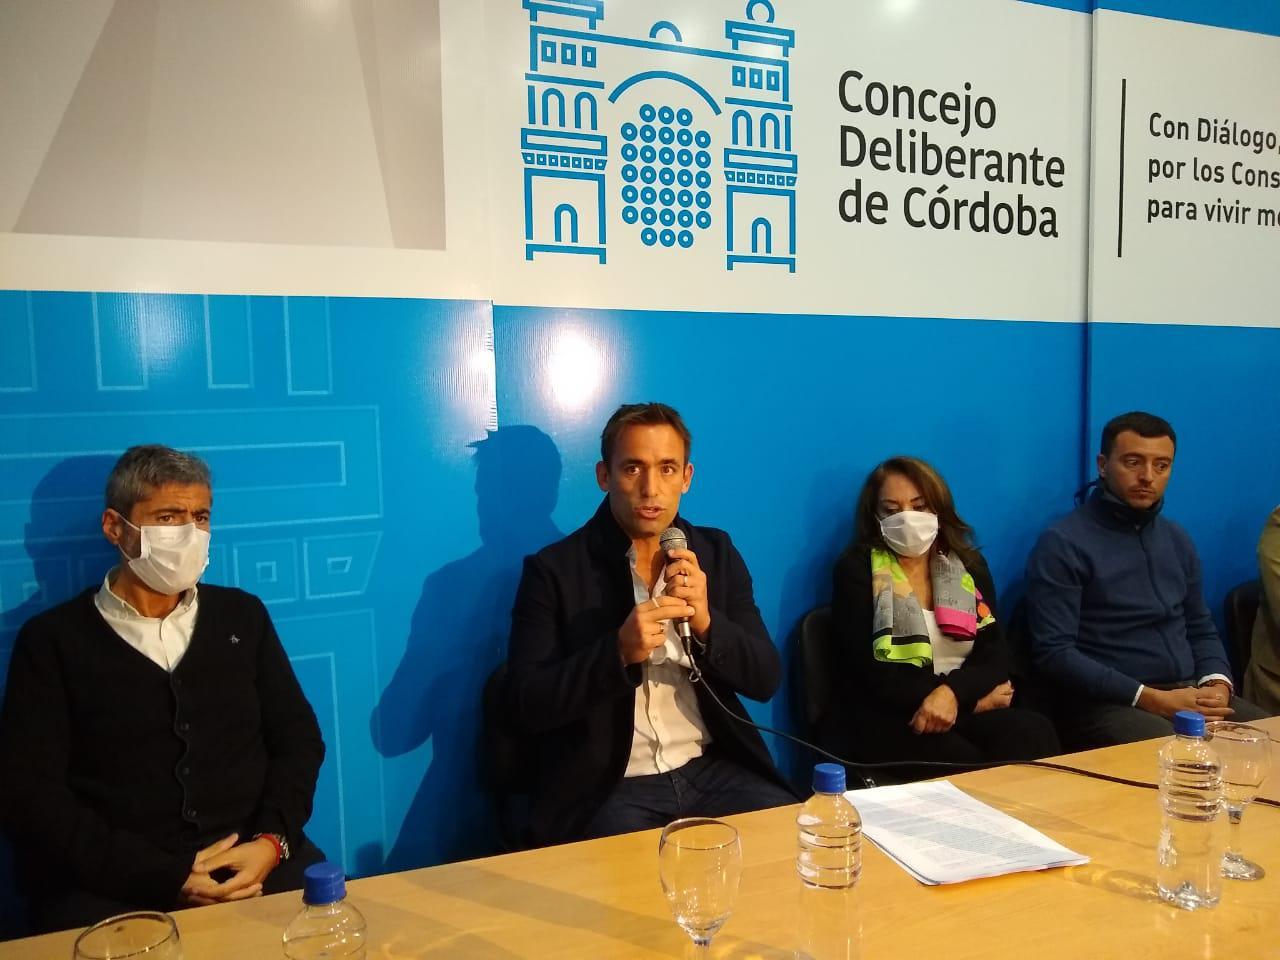 Oposición Concejo Deliberante by LNM